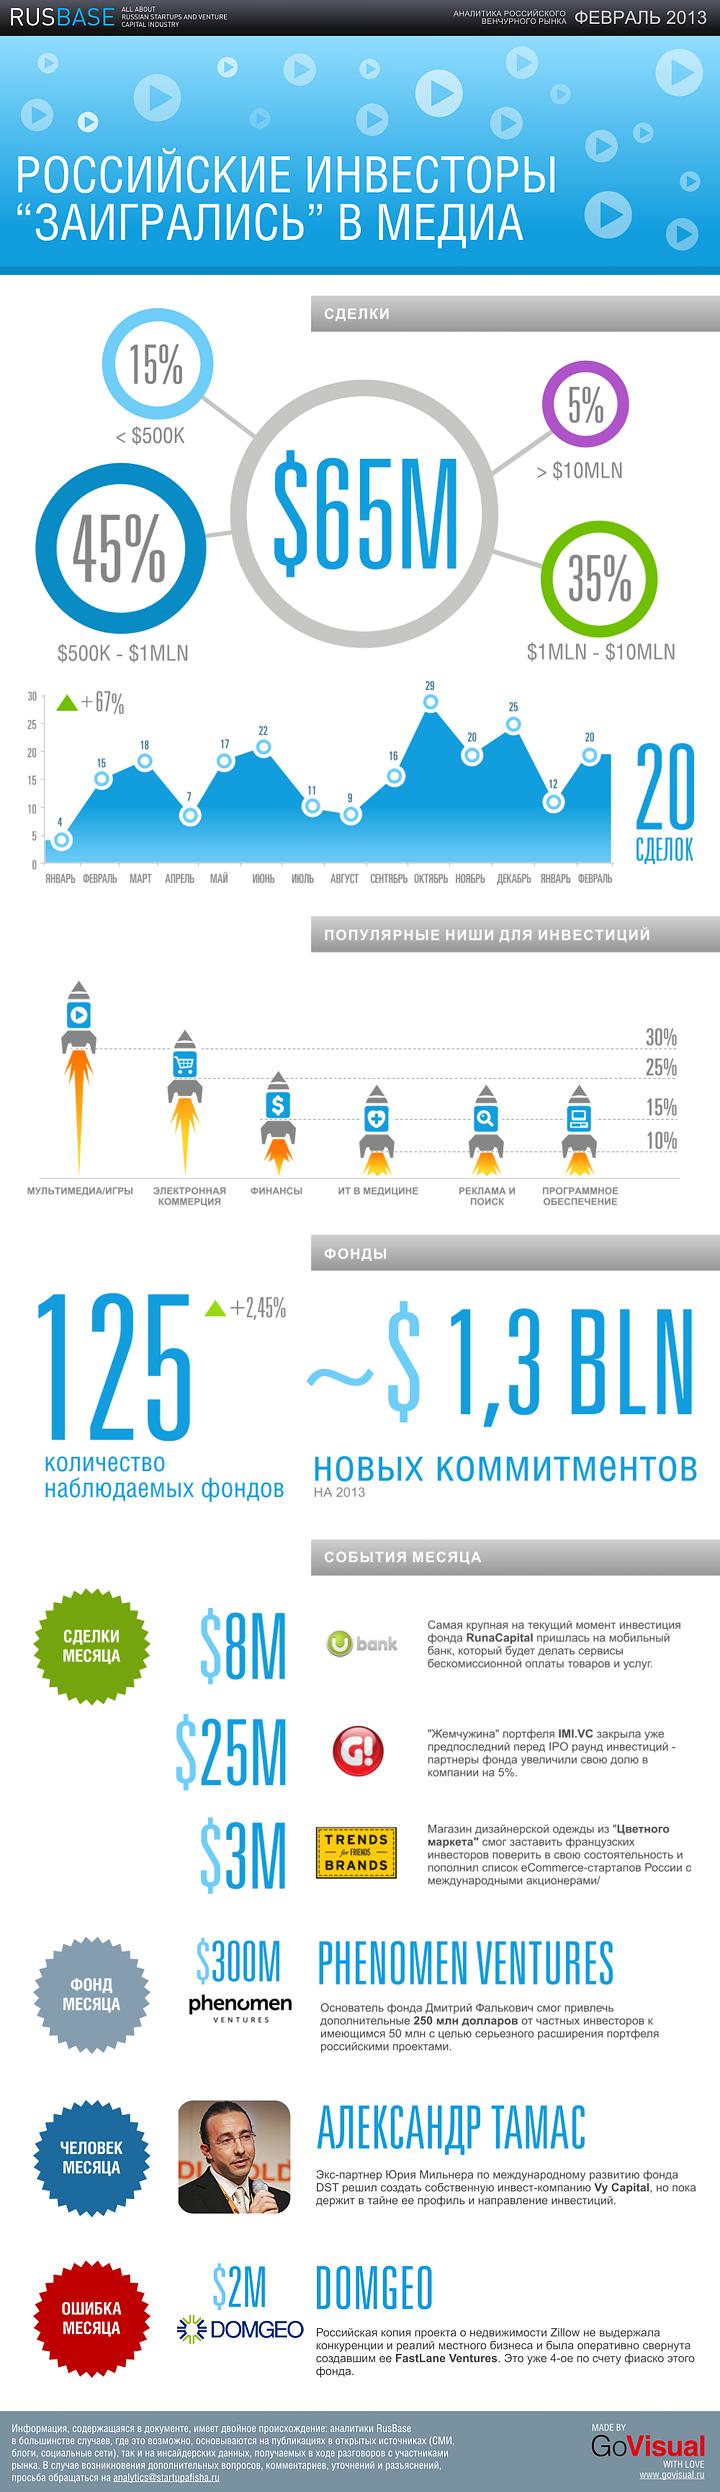 аналитика российских сделок в ИТ в феврале 2013